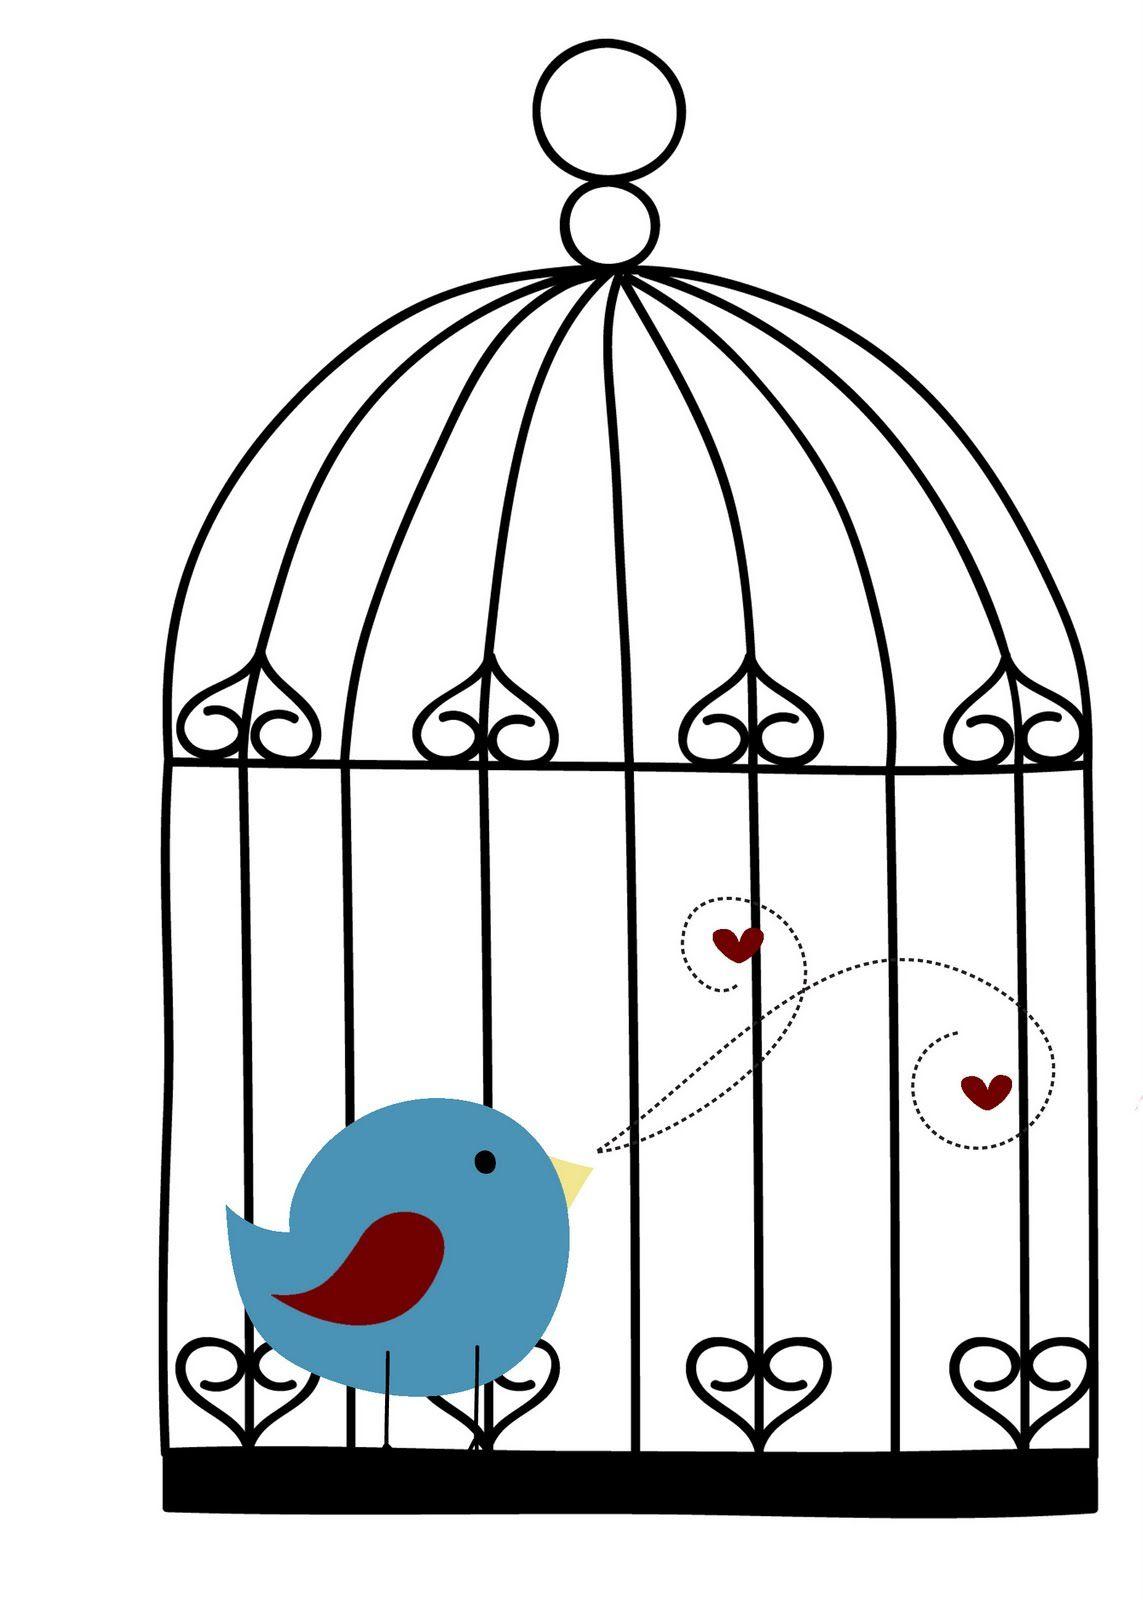 Pin von moura-nunes@bol.com.br moura-nunes@bol.com.br auf Projetos ...